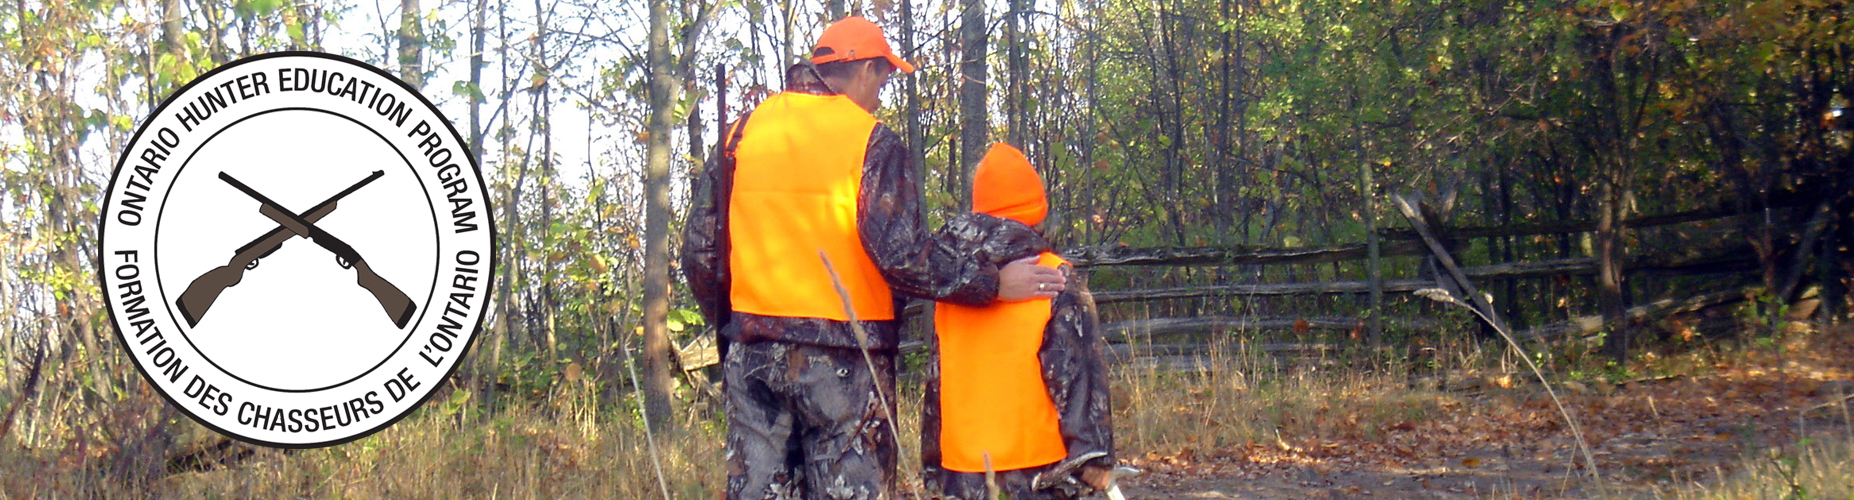 Hunter Education Online - Summer 2021 | Ontario Hunter Education Program